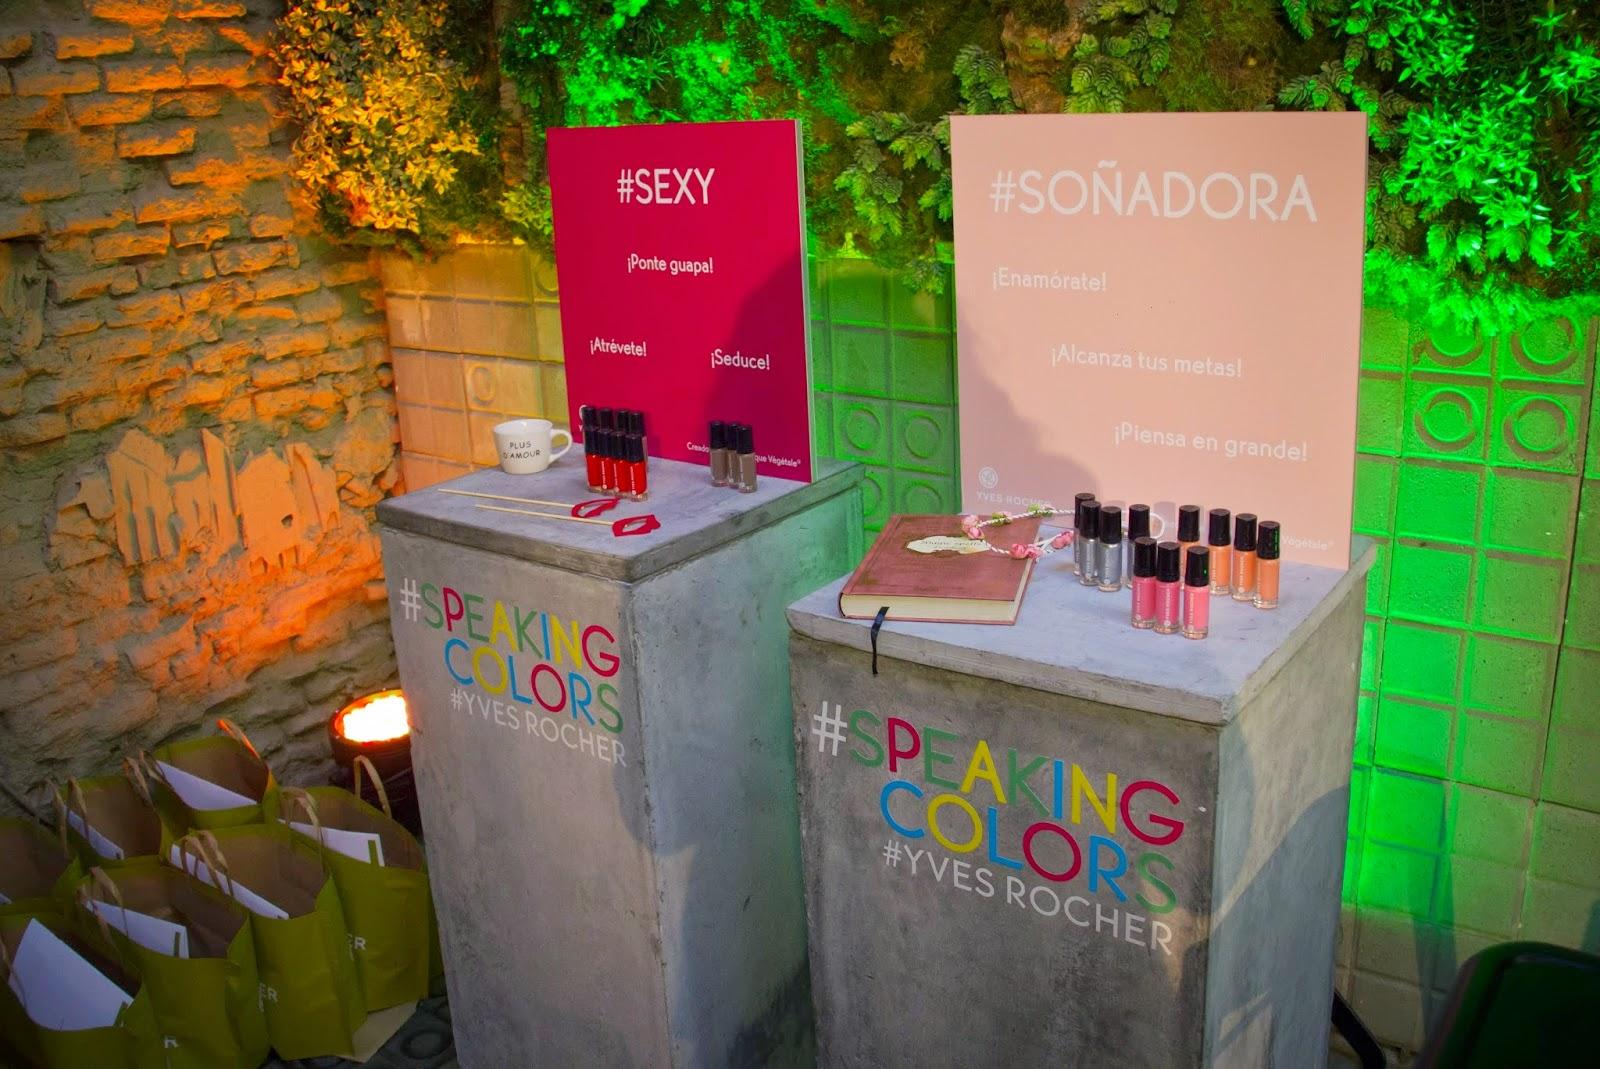 Speaking Colors, Yves Rocher, Esmaltes de Uñas, Nails Style, Beauty, Psicologia del Color, Teoria del Color, Blog de Moda